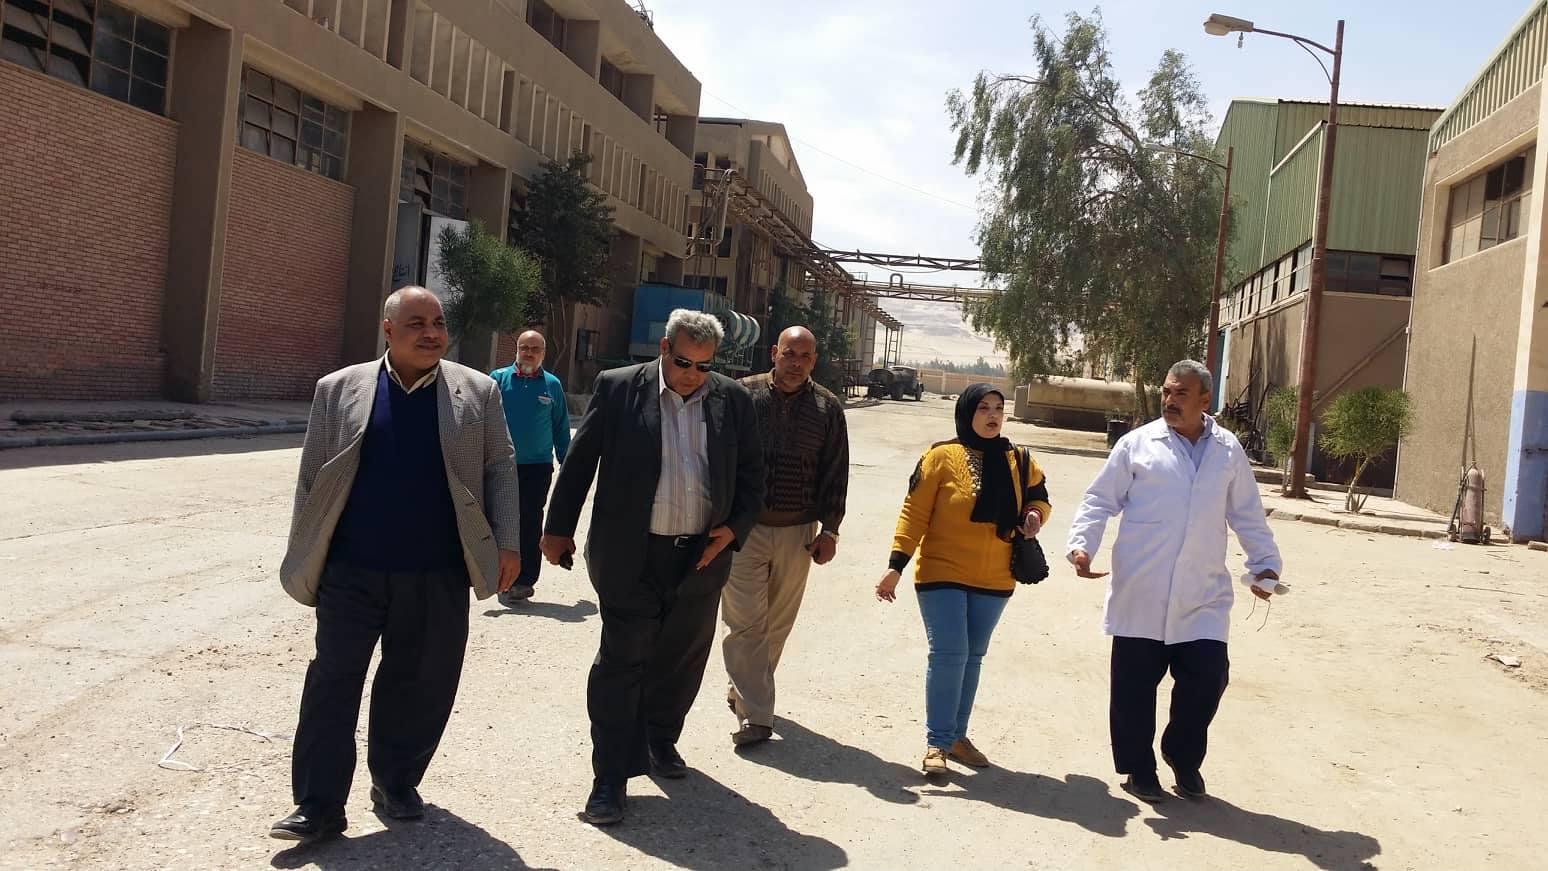 قلعةالصناعات الغذائية بجنوب الصعيد المجمع الصناعى بشركة النيل للزيوت والمنظفات.